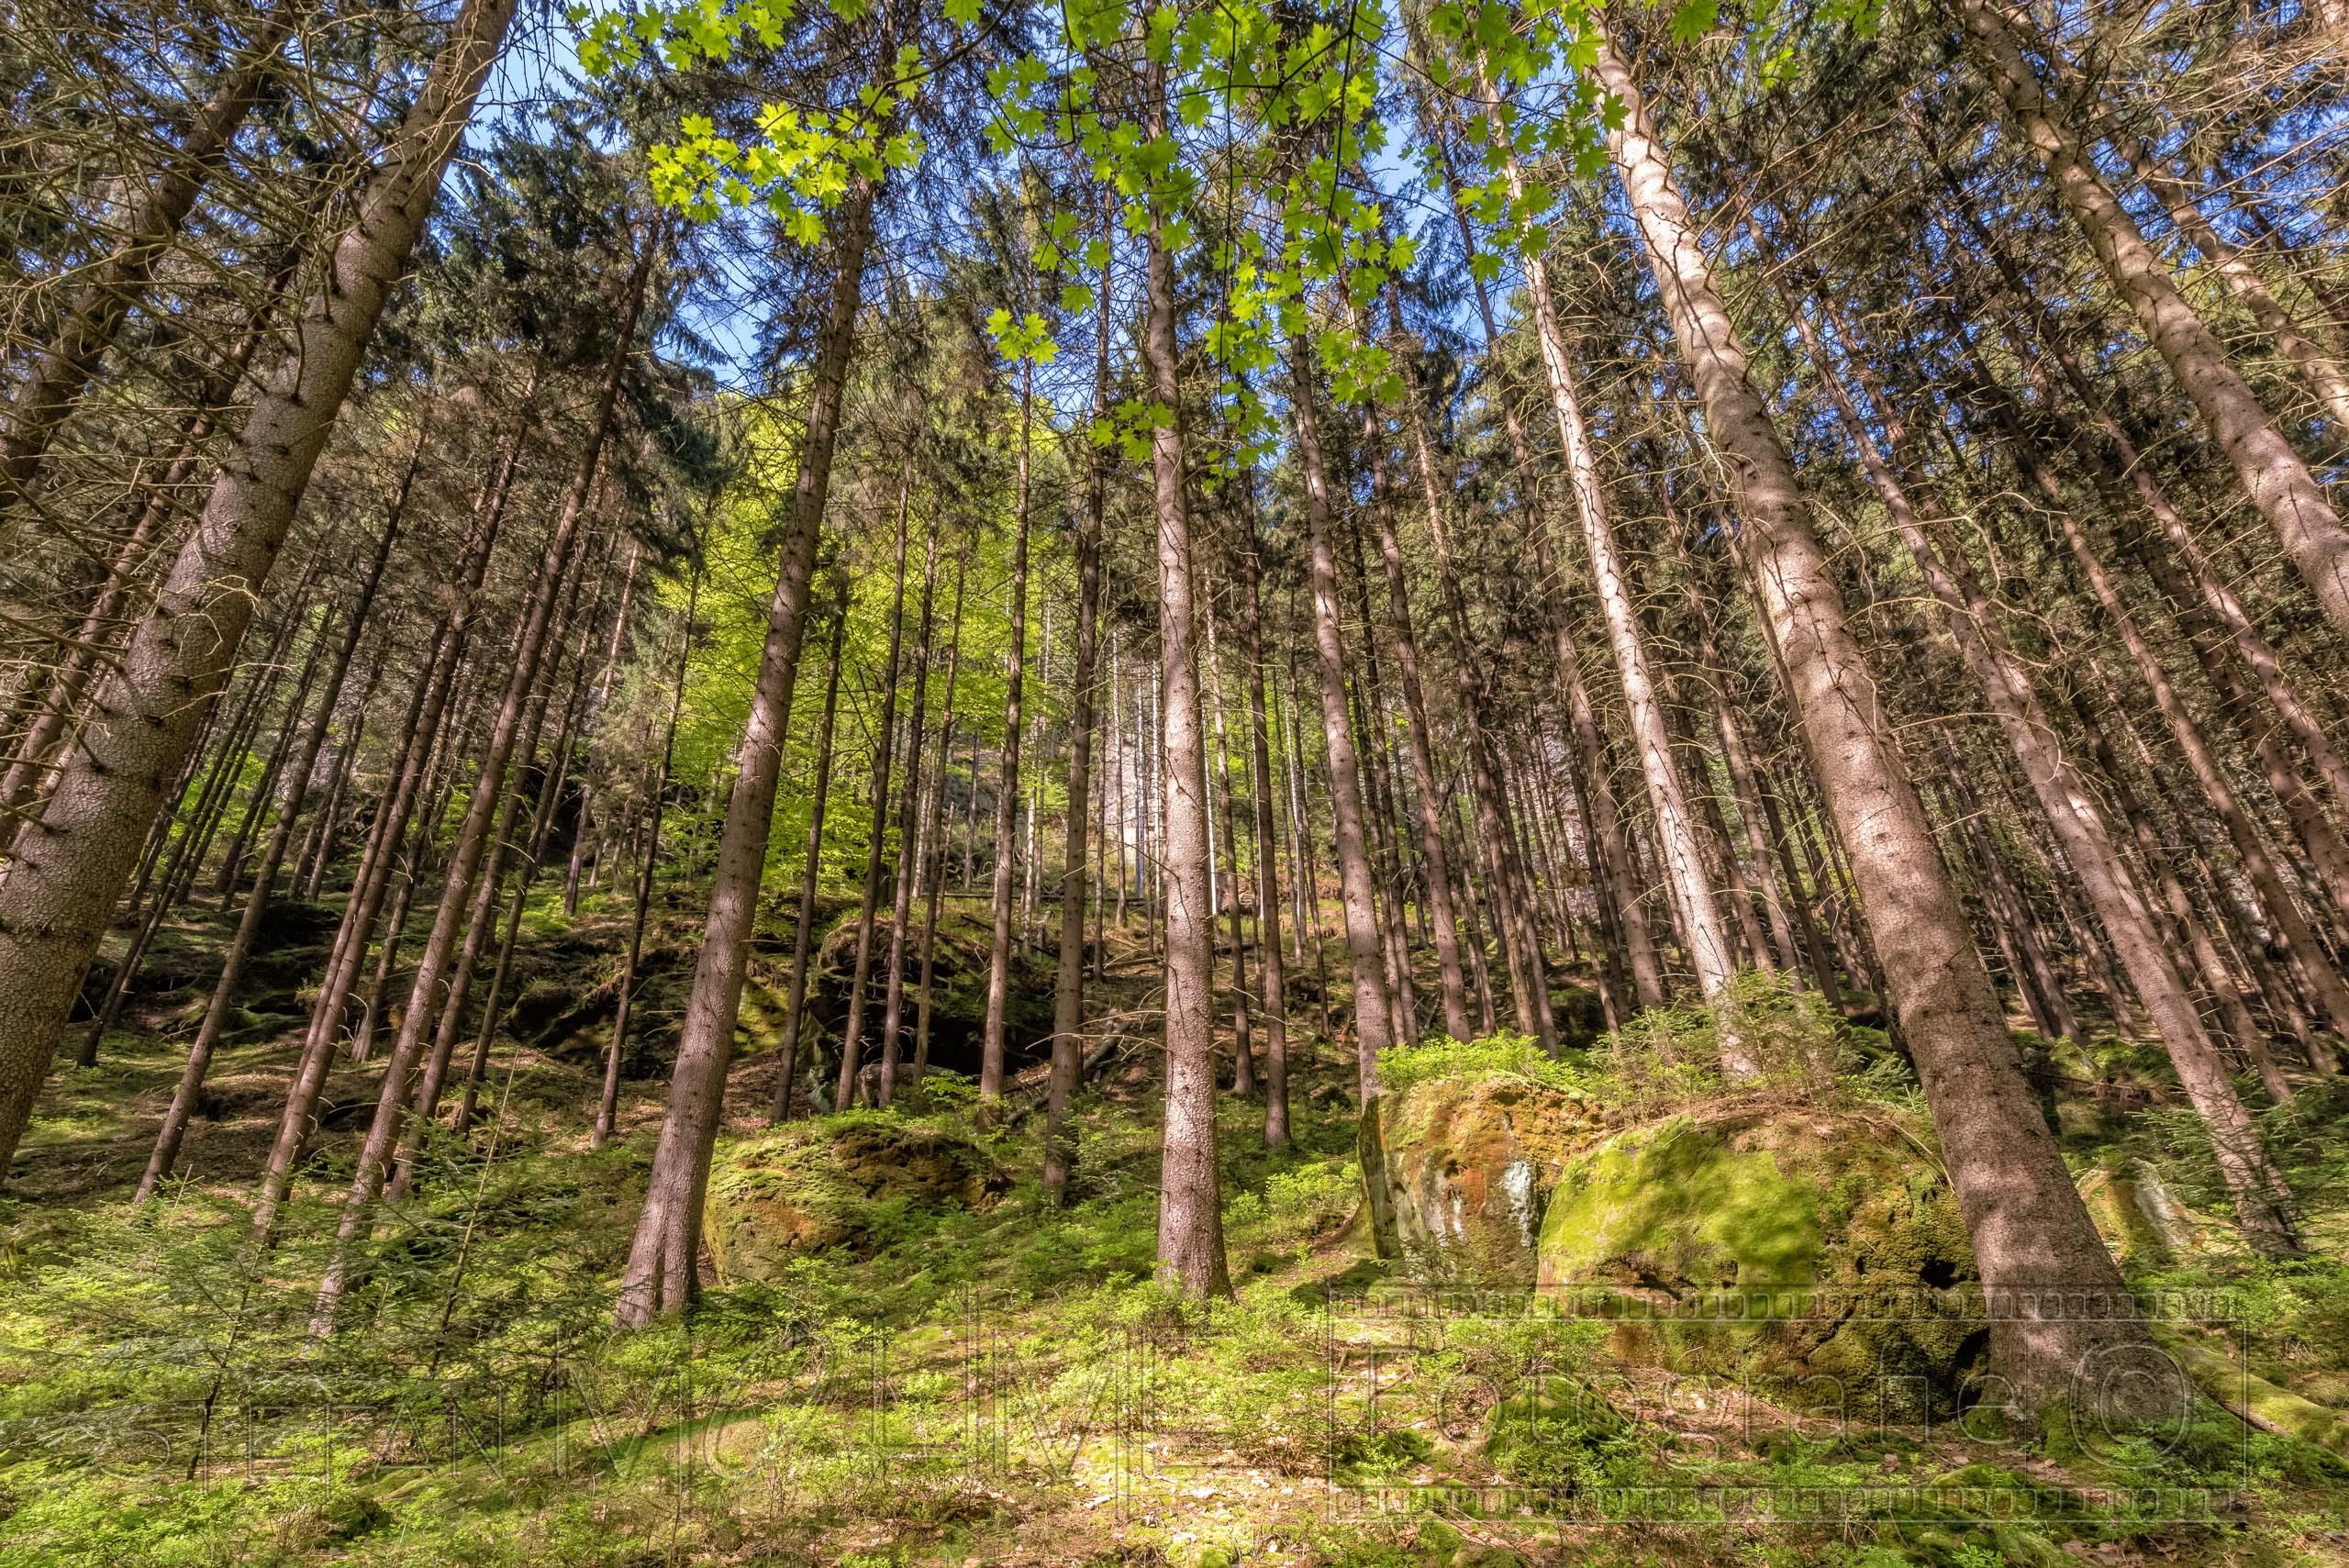 saechsische schweiz,polenztal,landschaft,natur,baeume,elbsandsteingebirge